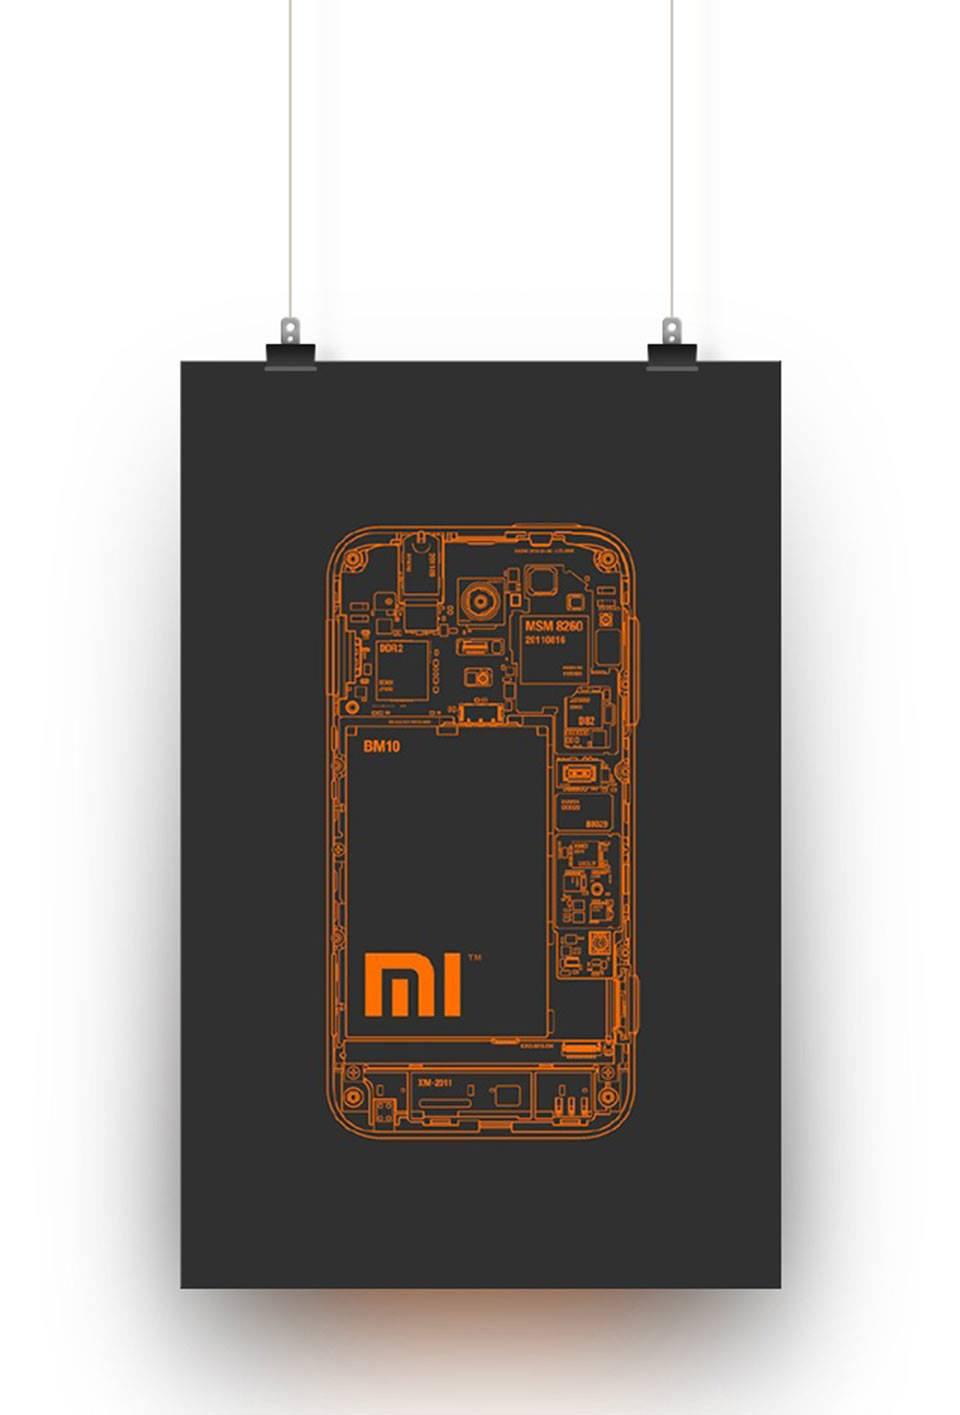 8 év – 7 kép (2011-2018). A Xiaomi sztori a reklámkampányokon át (5)